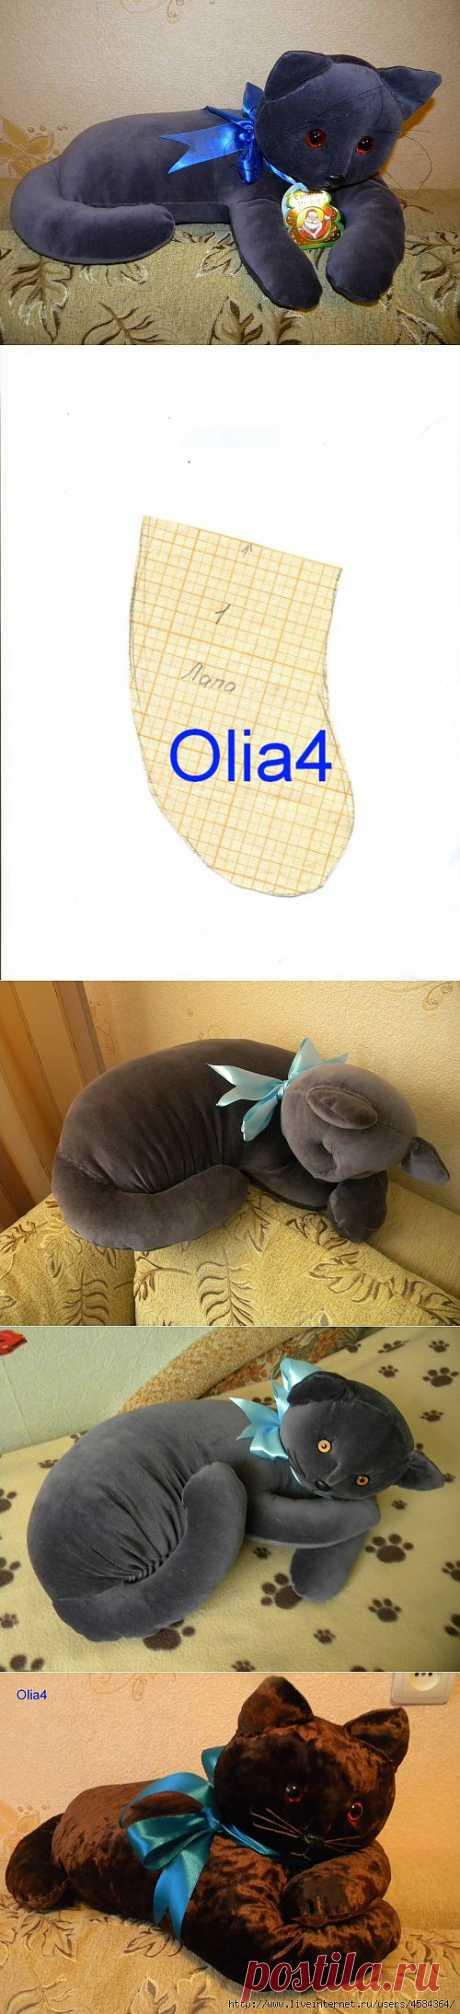 Кошки-подушки.Мое творение.   Записи в рубрике Кошки-подушки.Мое творение.   Дневник Olya4